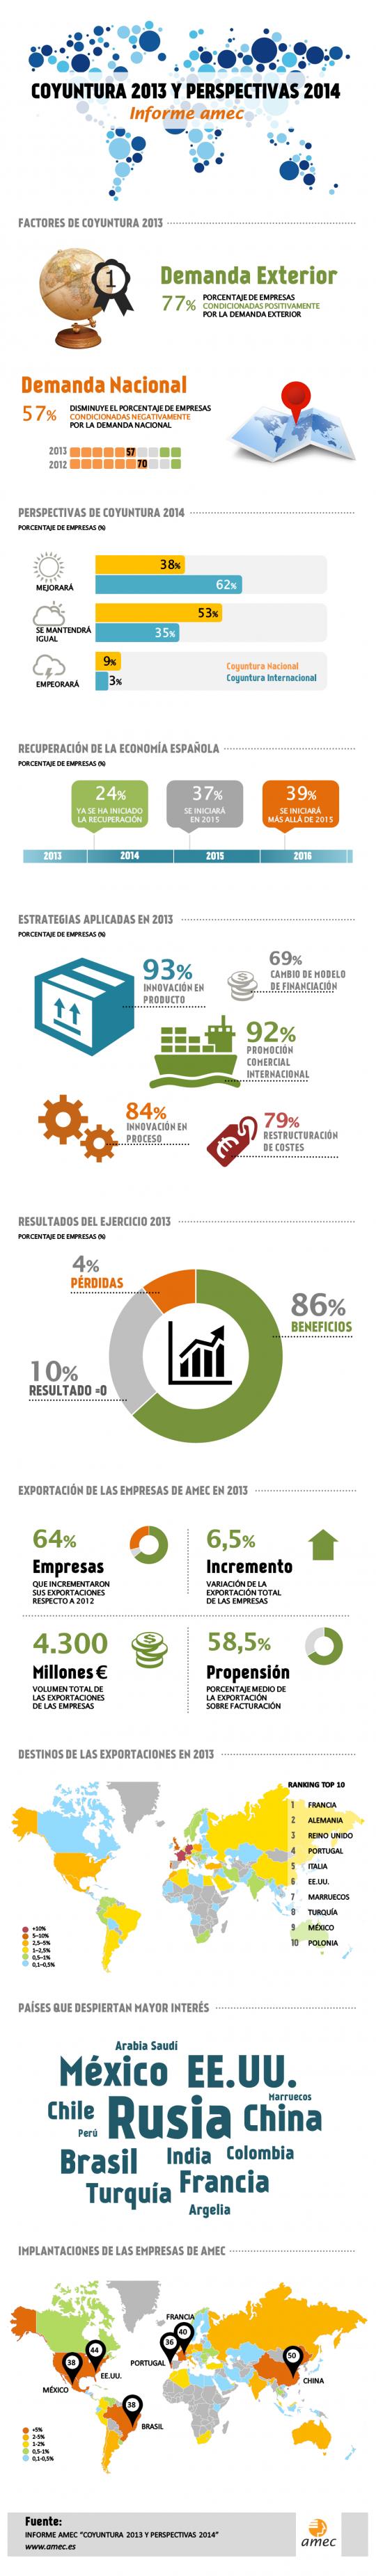 Informe AMEC - Coyuntura 2013 y Perspectivas 2014